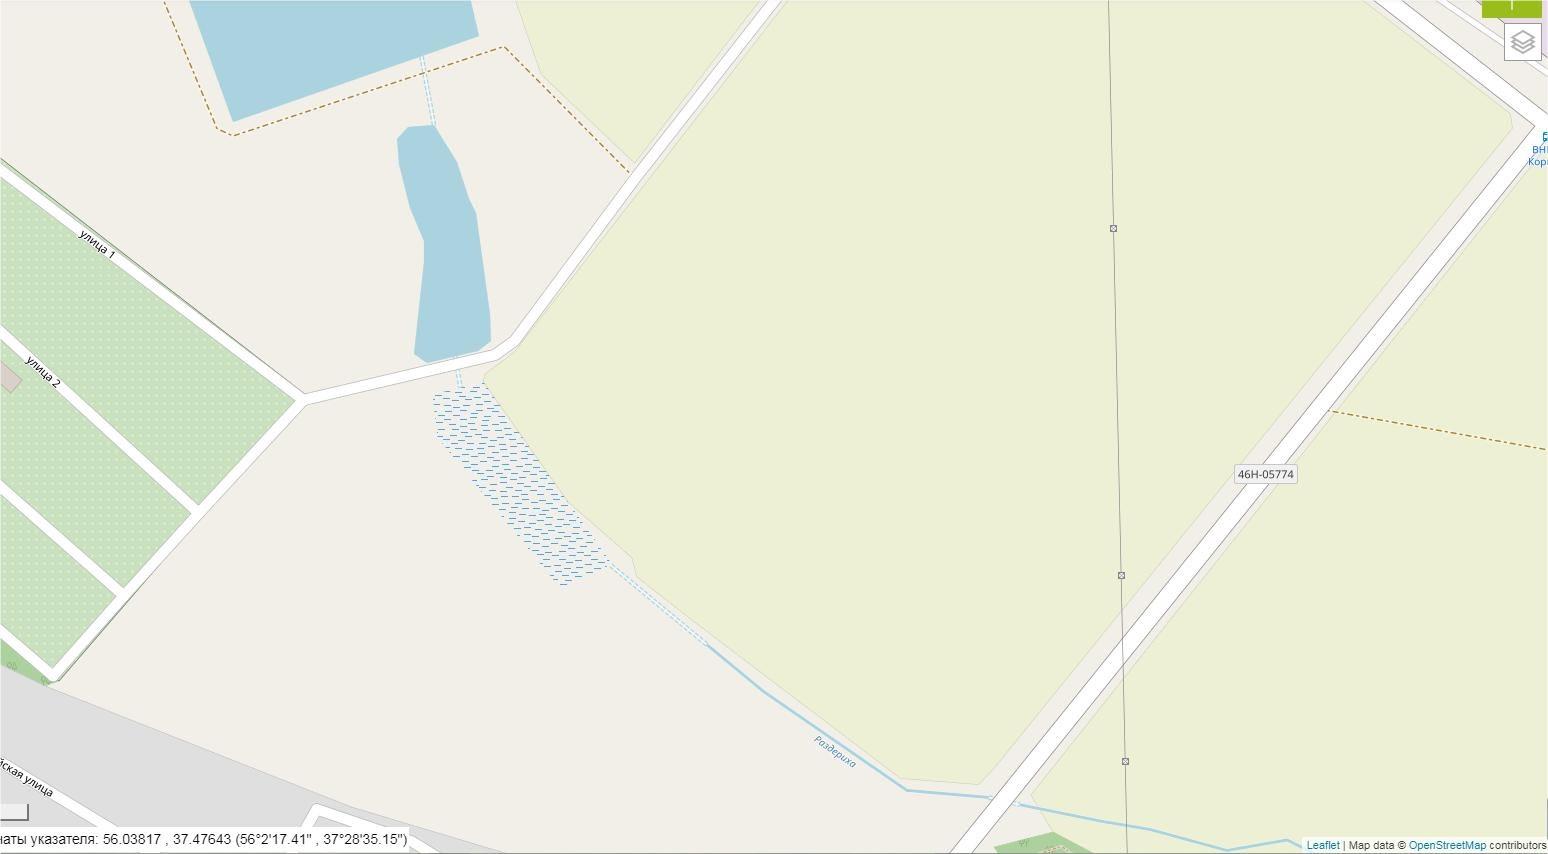 Карта-Раздериха-OSM-спутник - Современное состояние OpenStreetMap - вар.1